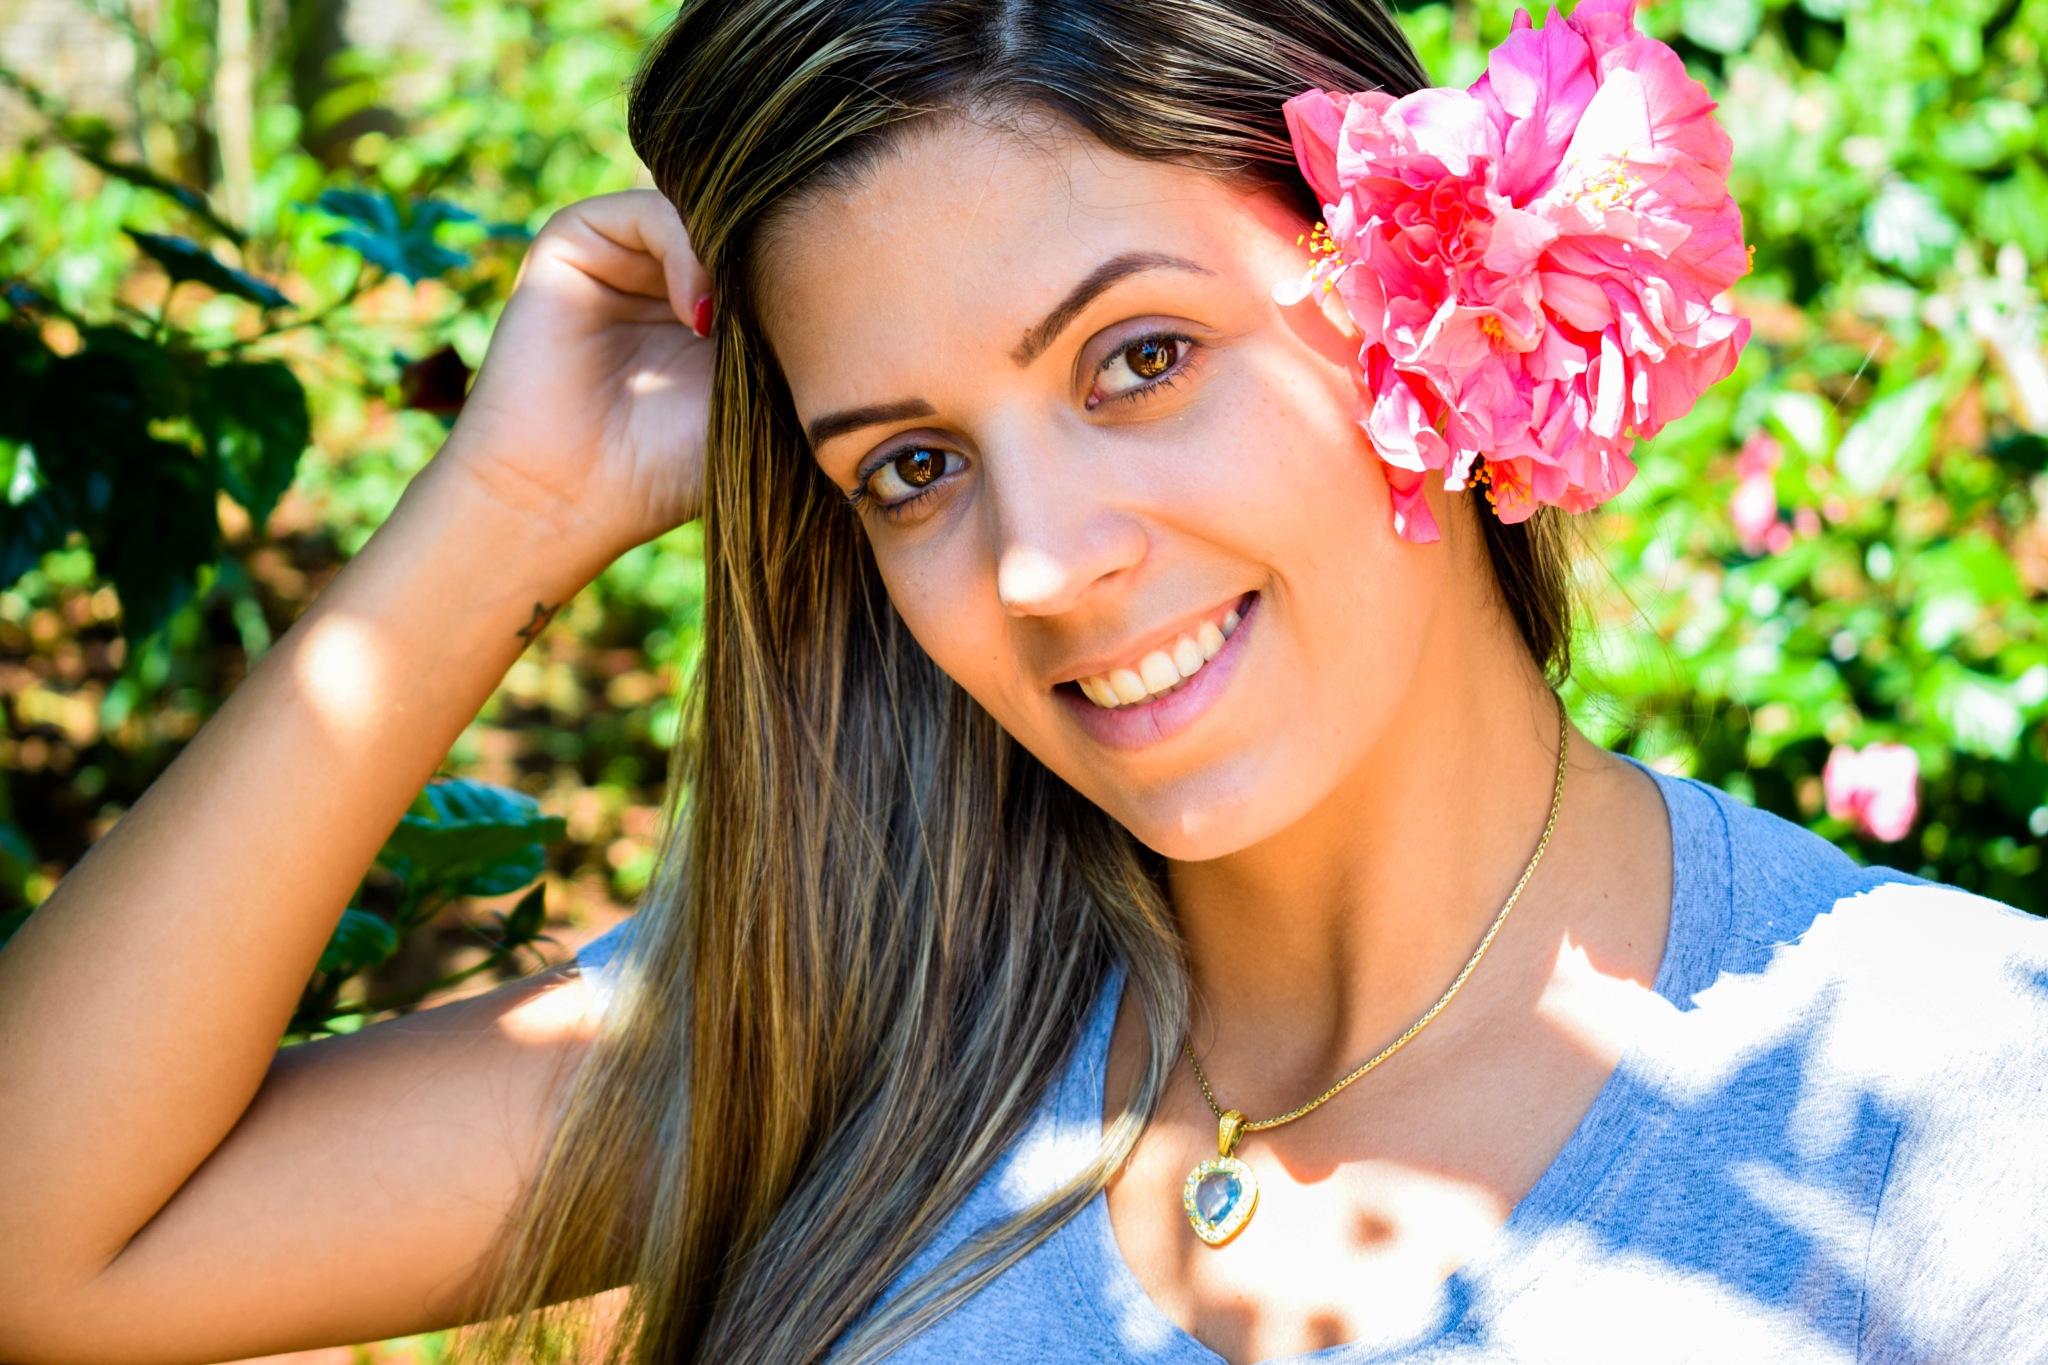 smile darling by oleonardoamorim